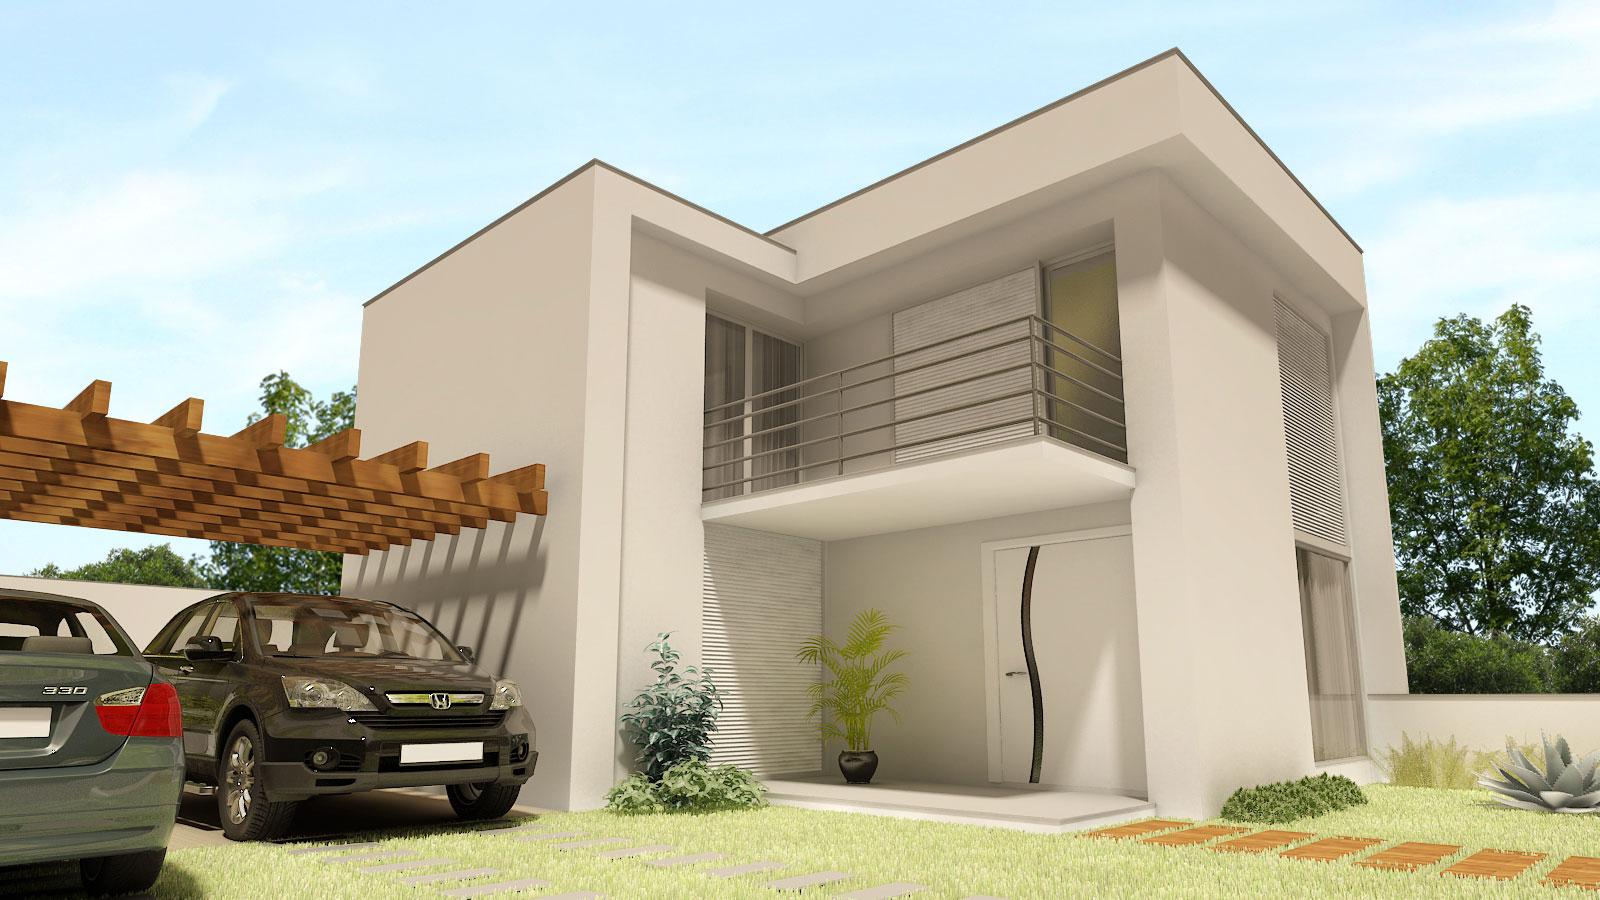 #9A6A31  Sartori Projetos 3D e AutoCAD: Projeto 3D Perspectivas Sobrado 1600x900 píxeis em Criar Casas 3d